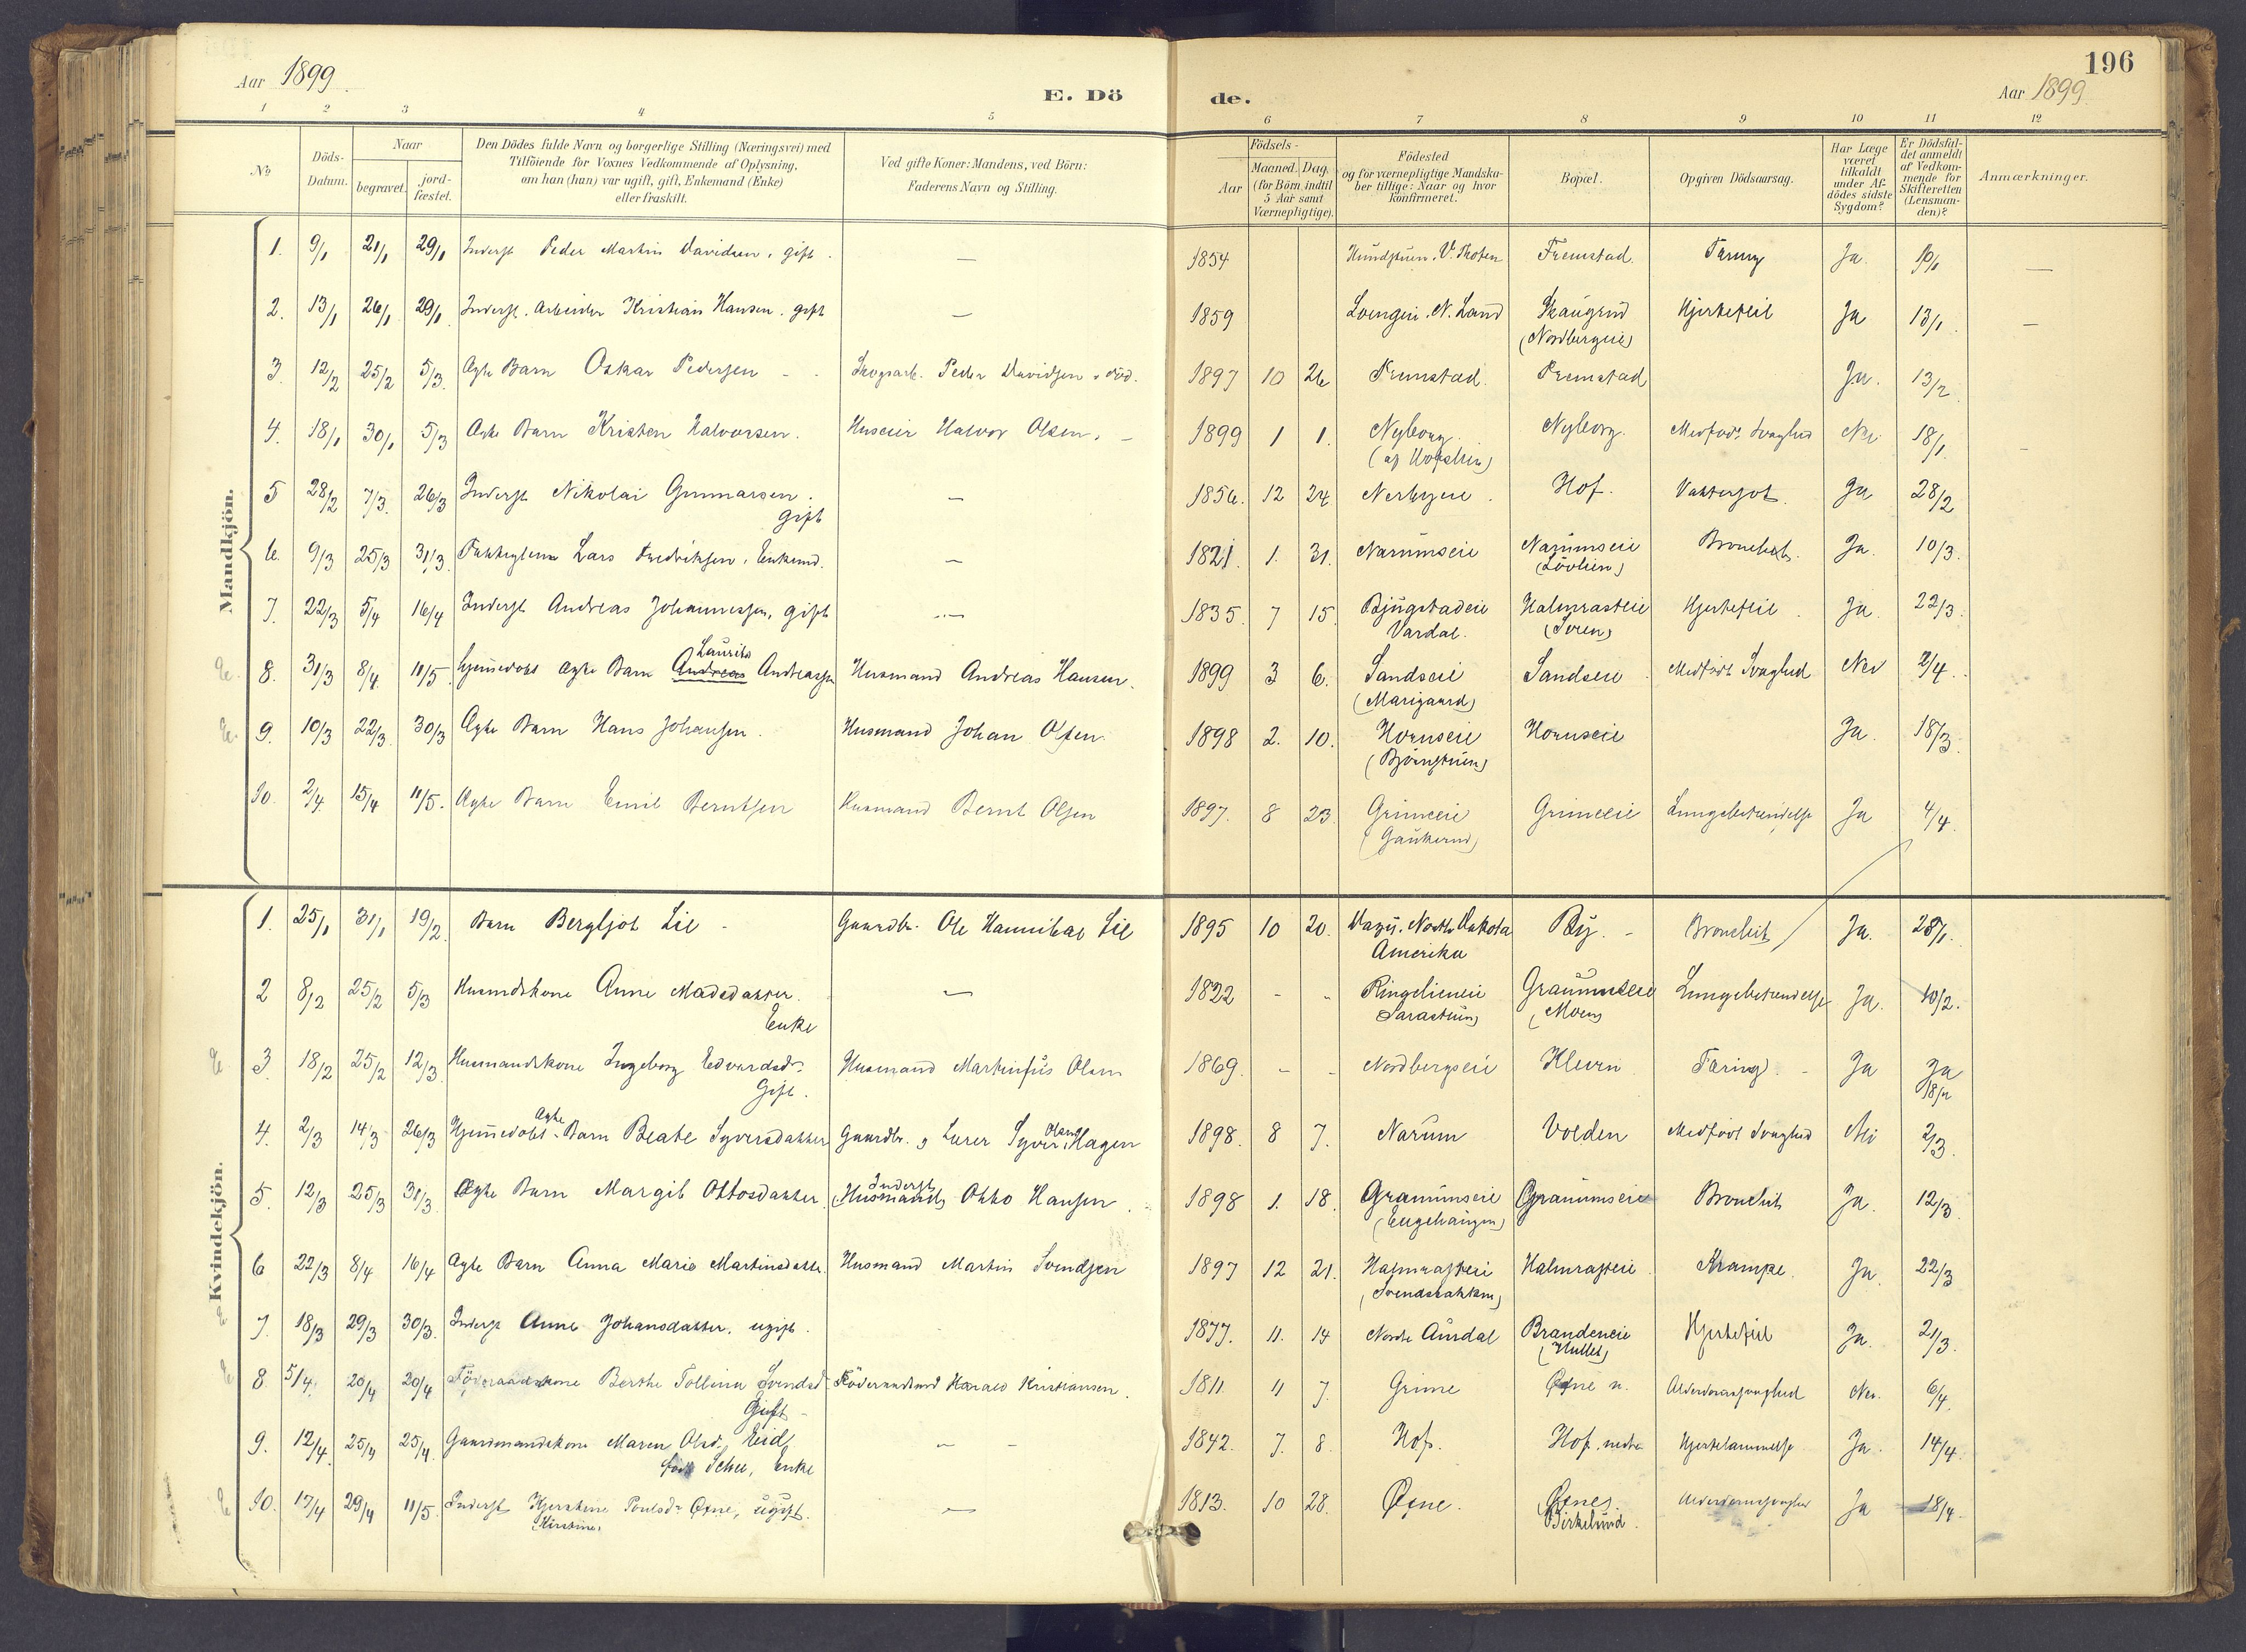 SAH, Søndre Land prestekontor, K/L0006: Ministerialbok nr. 6, 1895-1904, s. 196